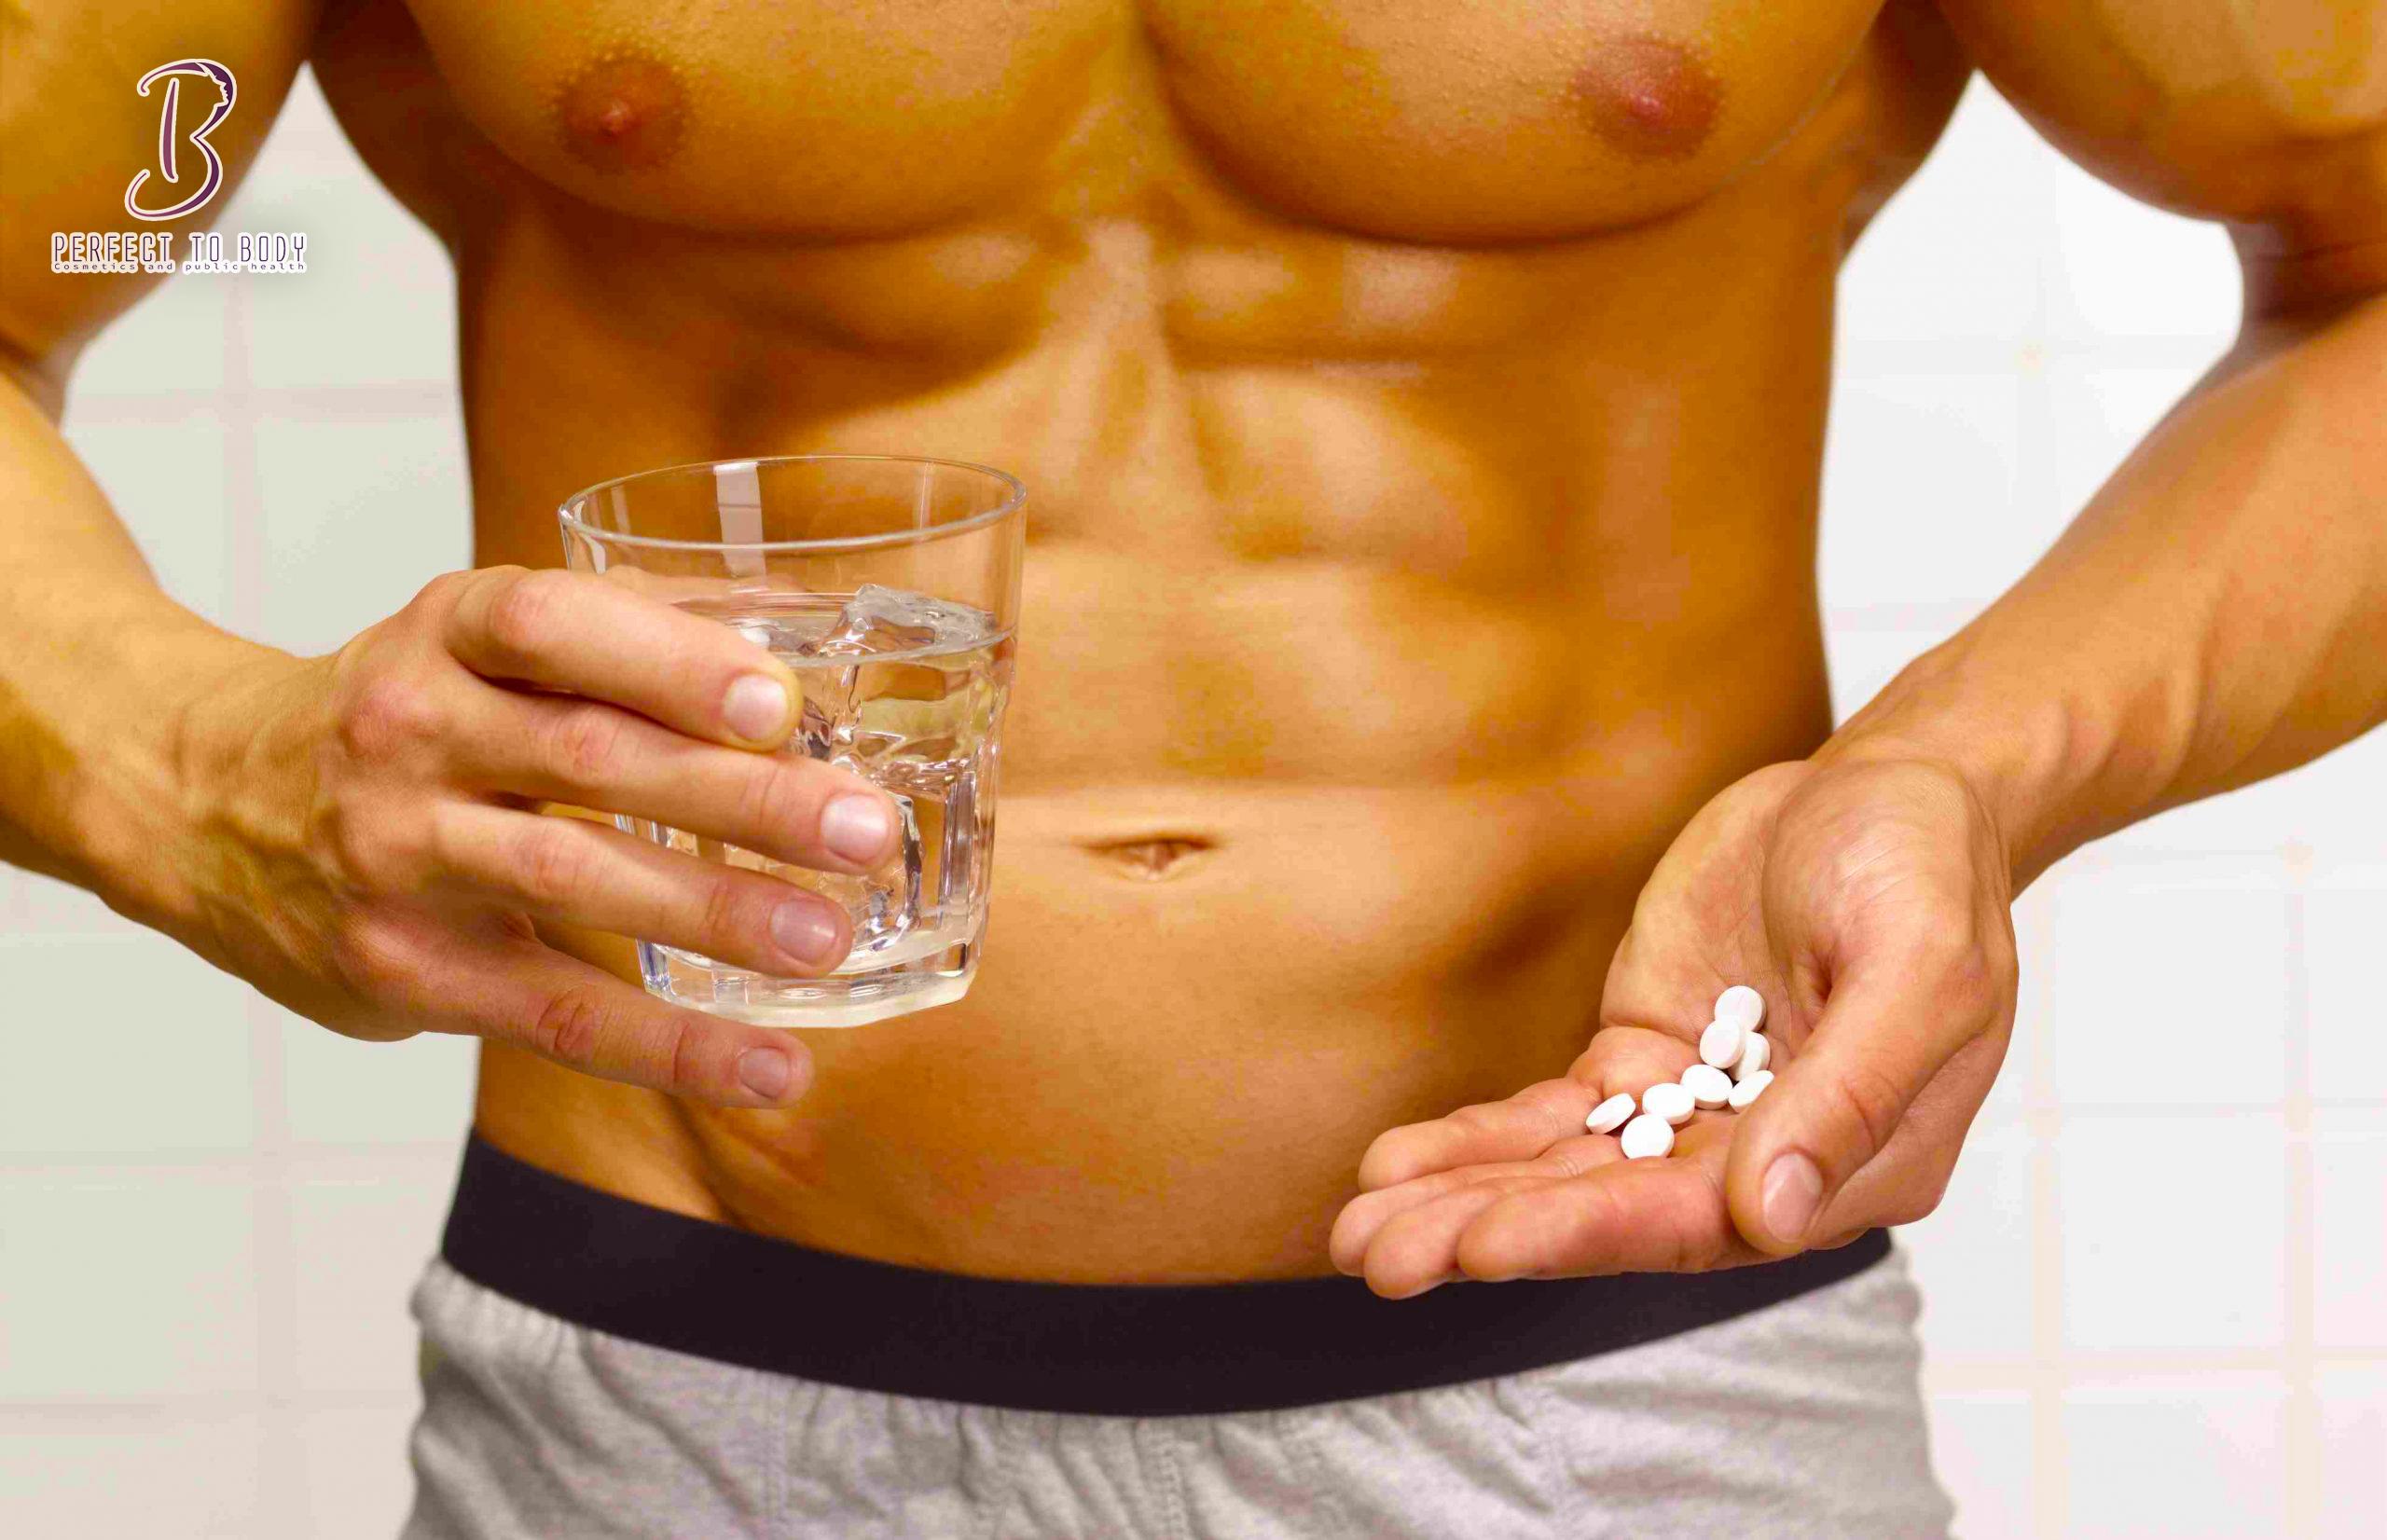 كيفية تقليل هرمون الاستروجين عند الرجال